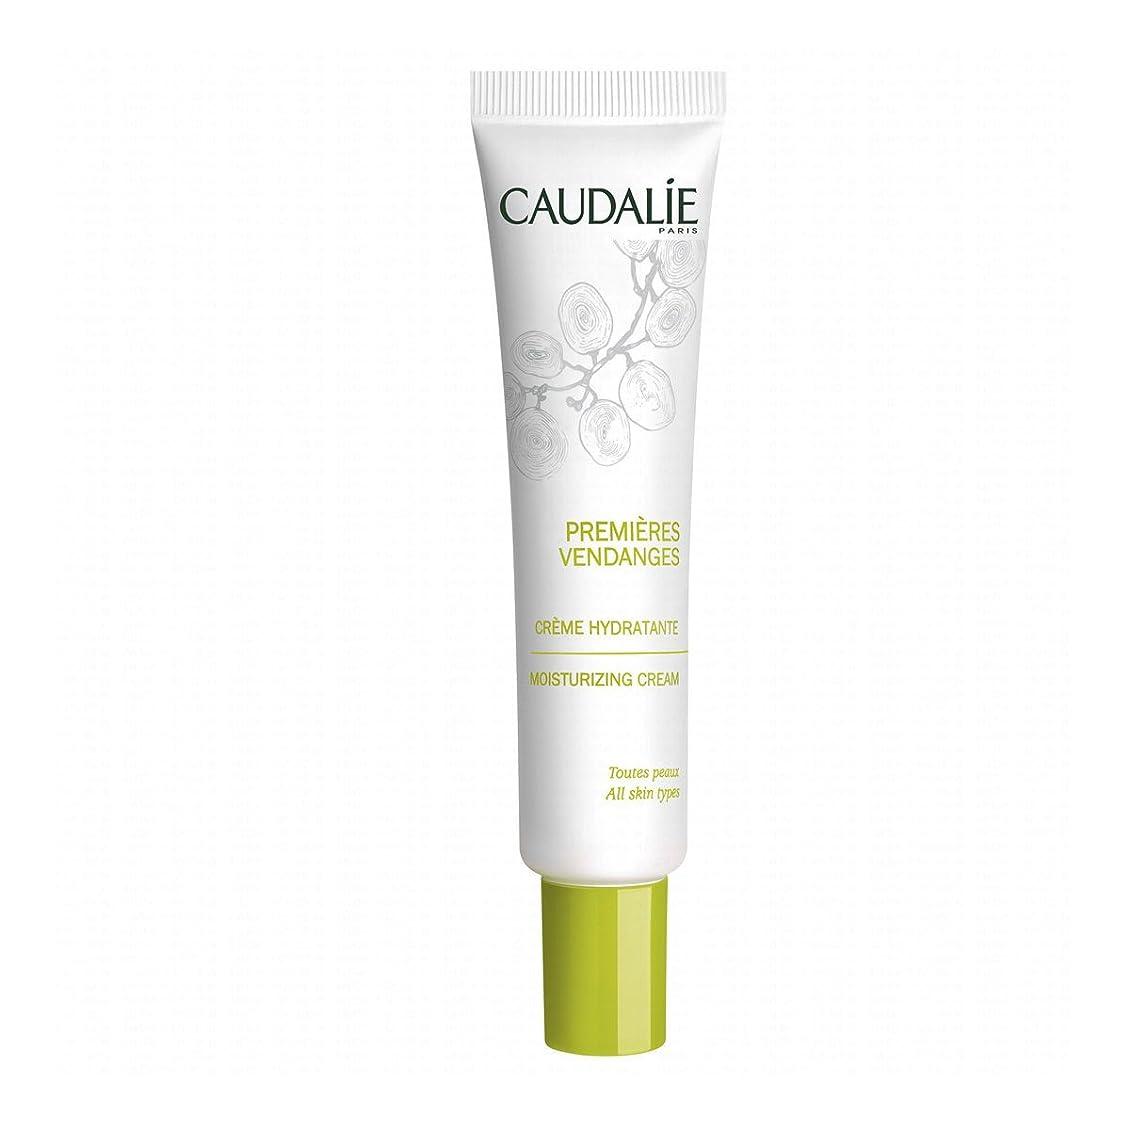 囲まれたセグメントオリエントCaudalie Premieres Vendanges Moisturizing Cream 40ml [並行輸入品]